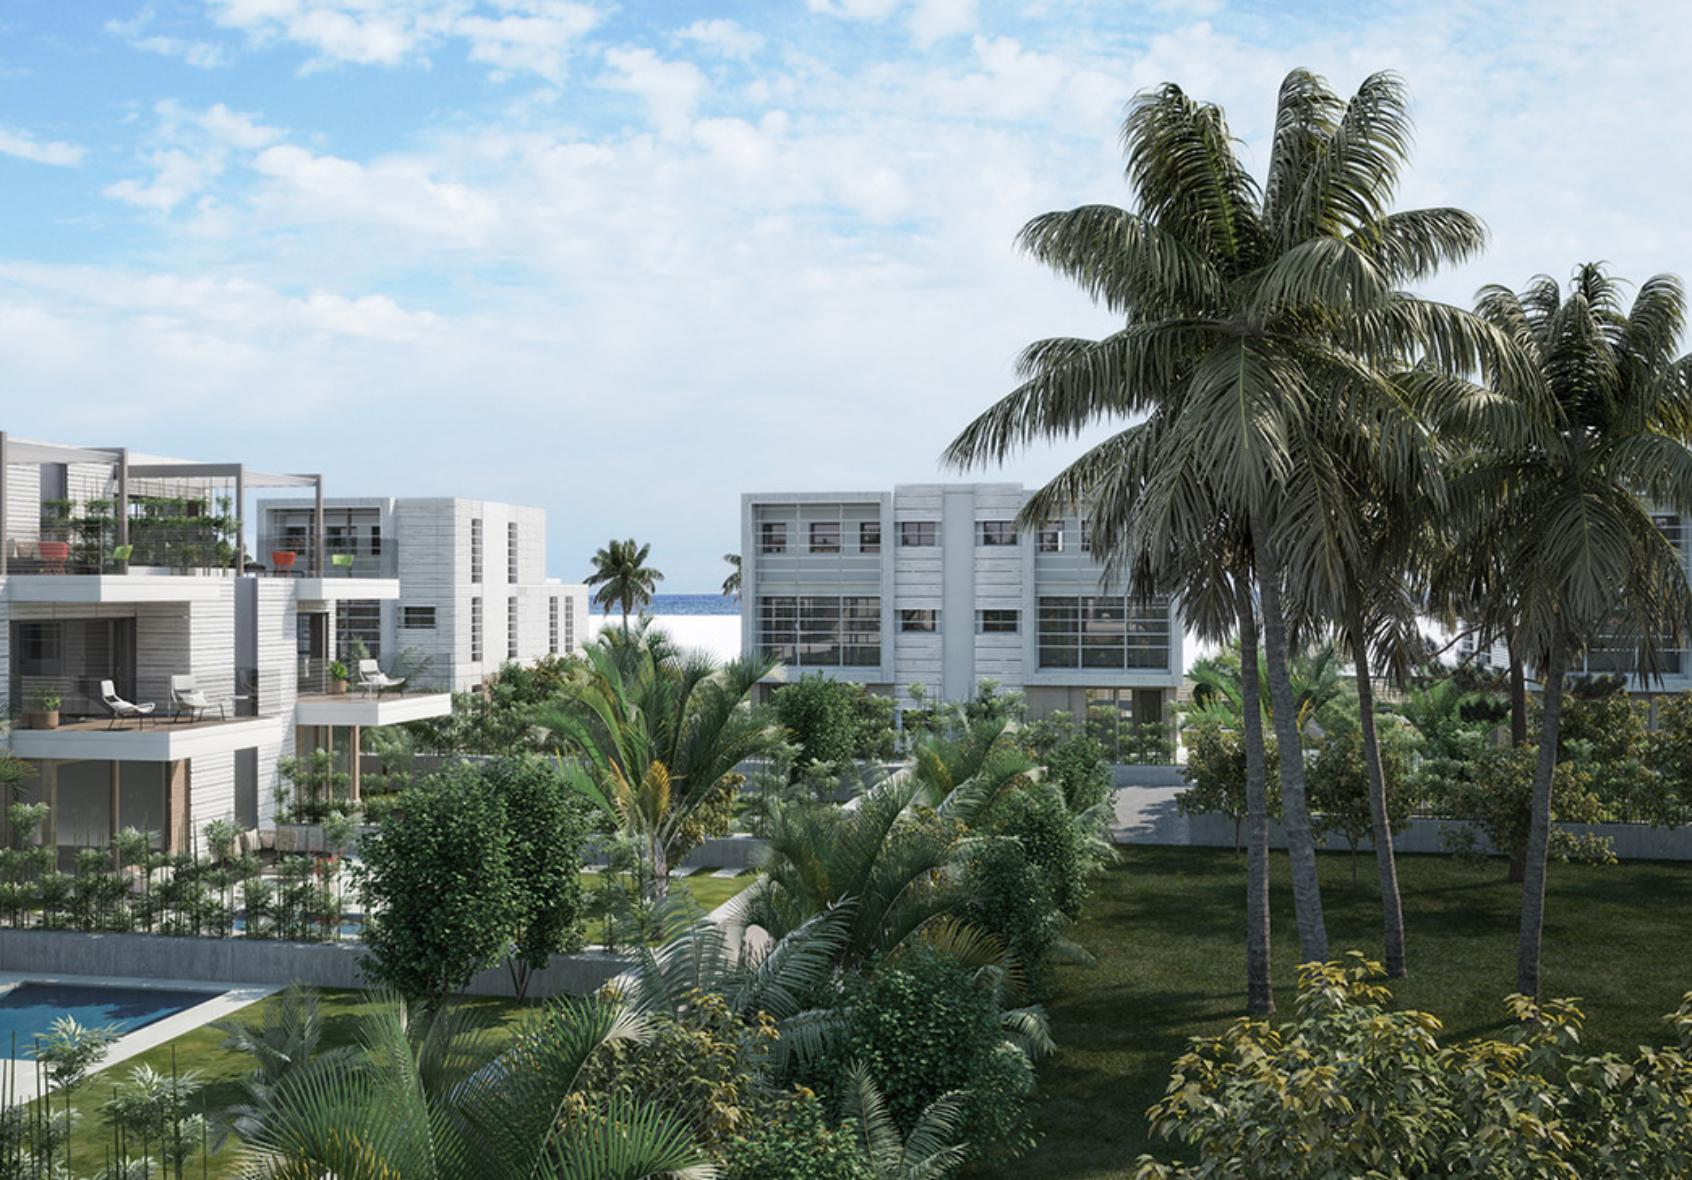 12 Residential Buildings